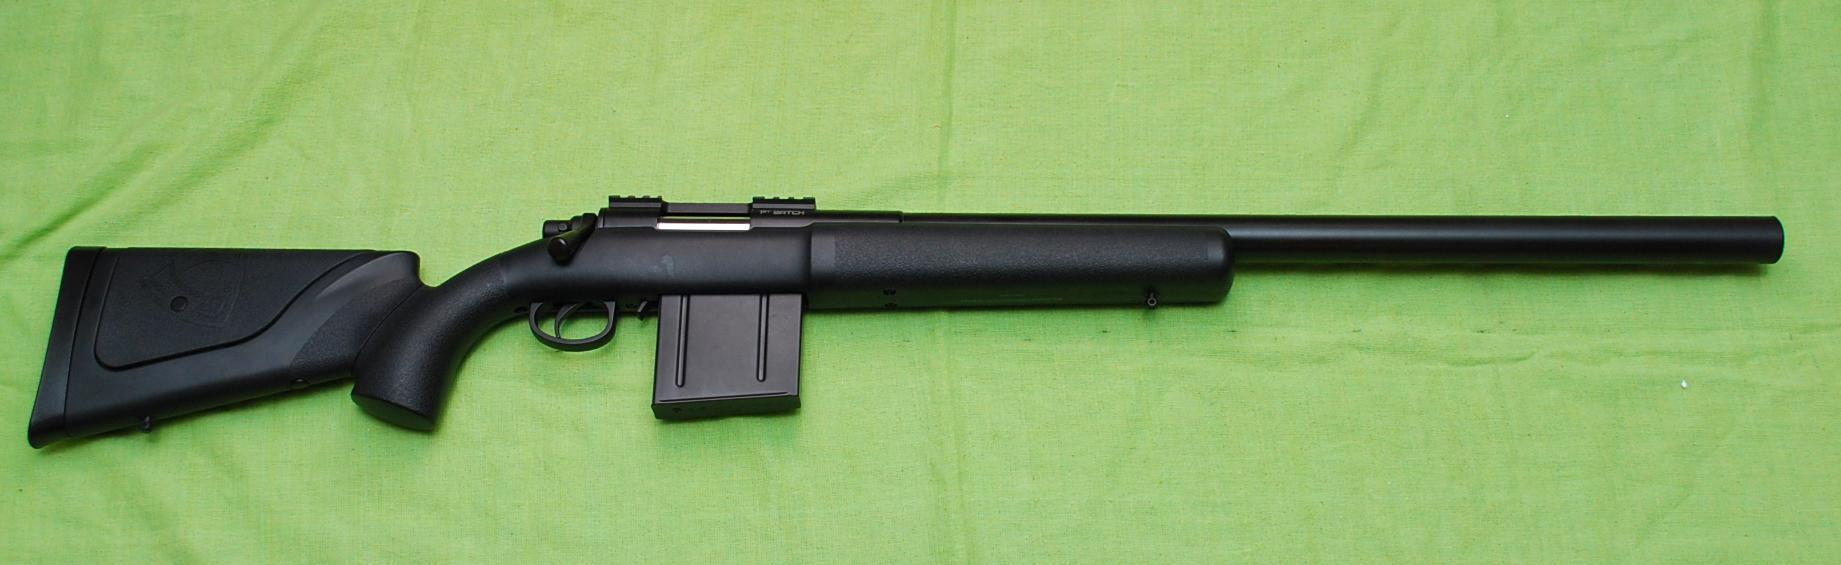 HAKKOTSU製 M40A3スタイル(M24A2風)エアコッキングガン